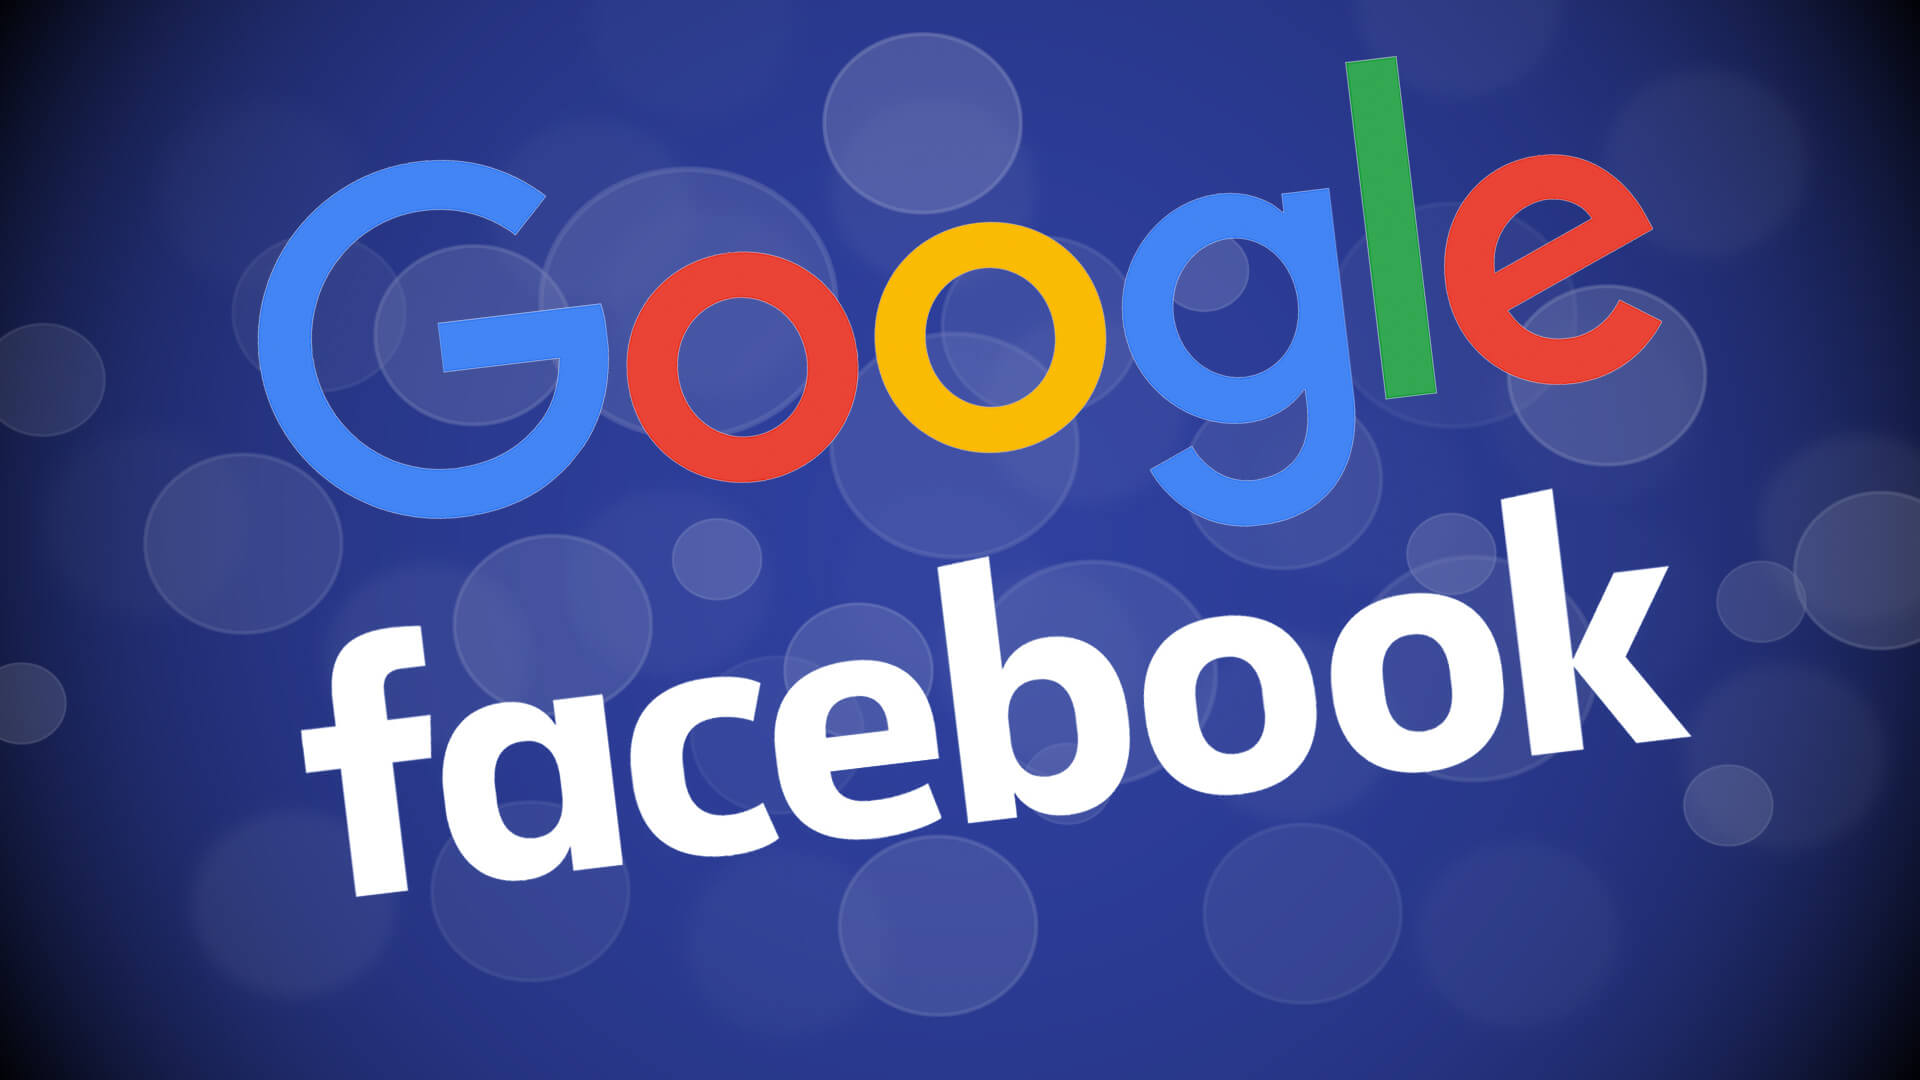 Google и Facebook договорились о взаимопомощи на случай расследований властей США